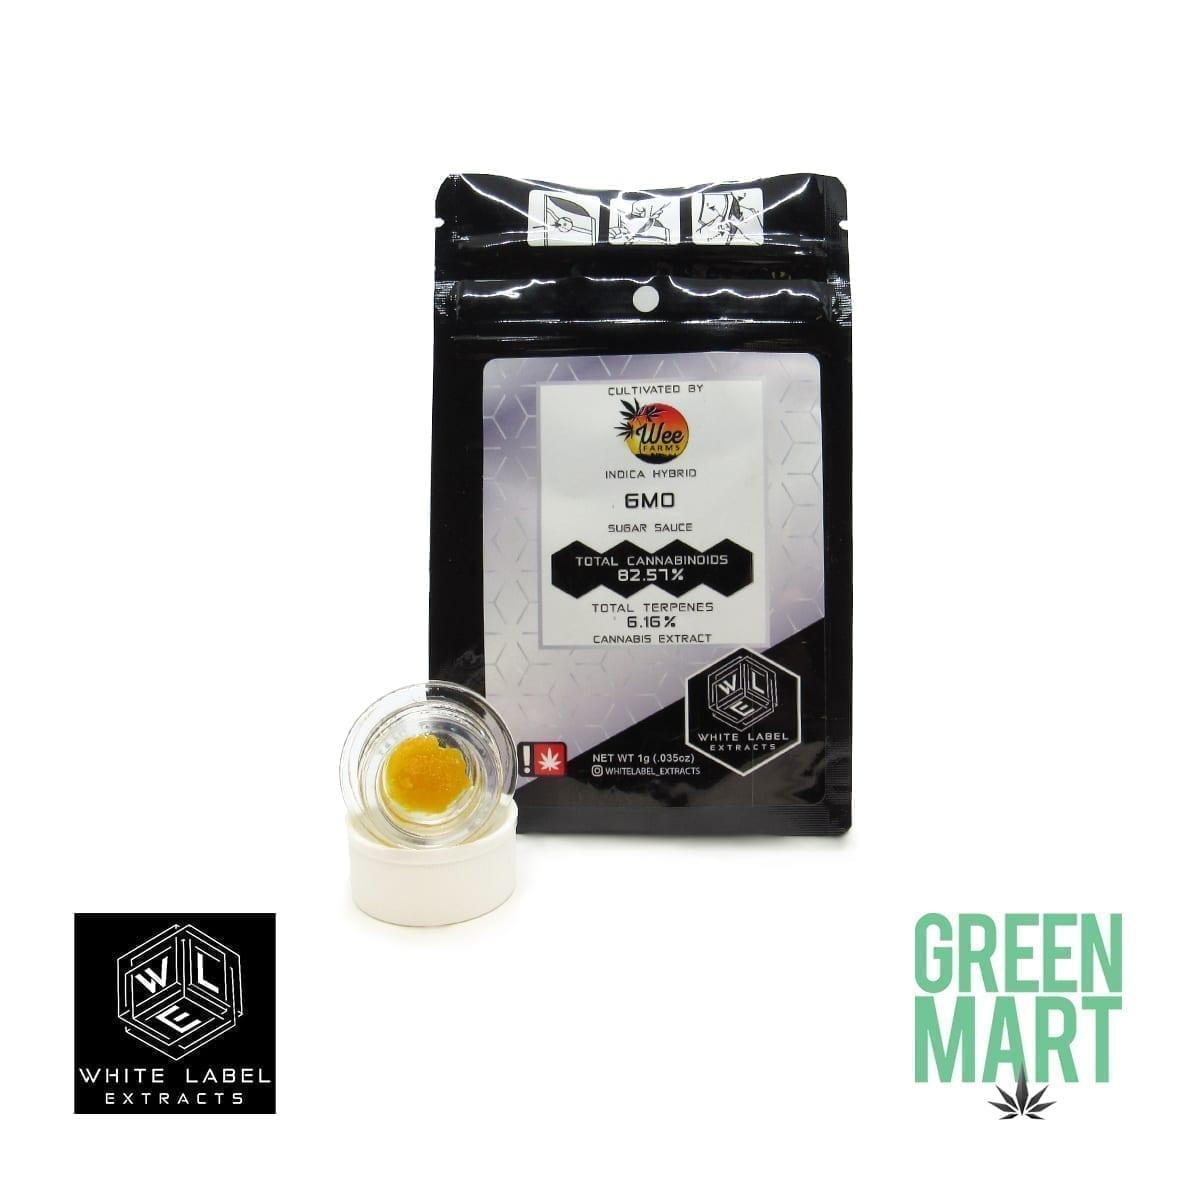 White Label Extracts - GMO Sugar Sauce